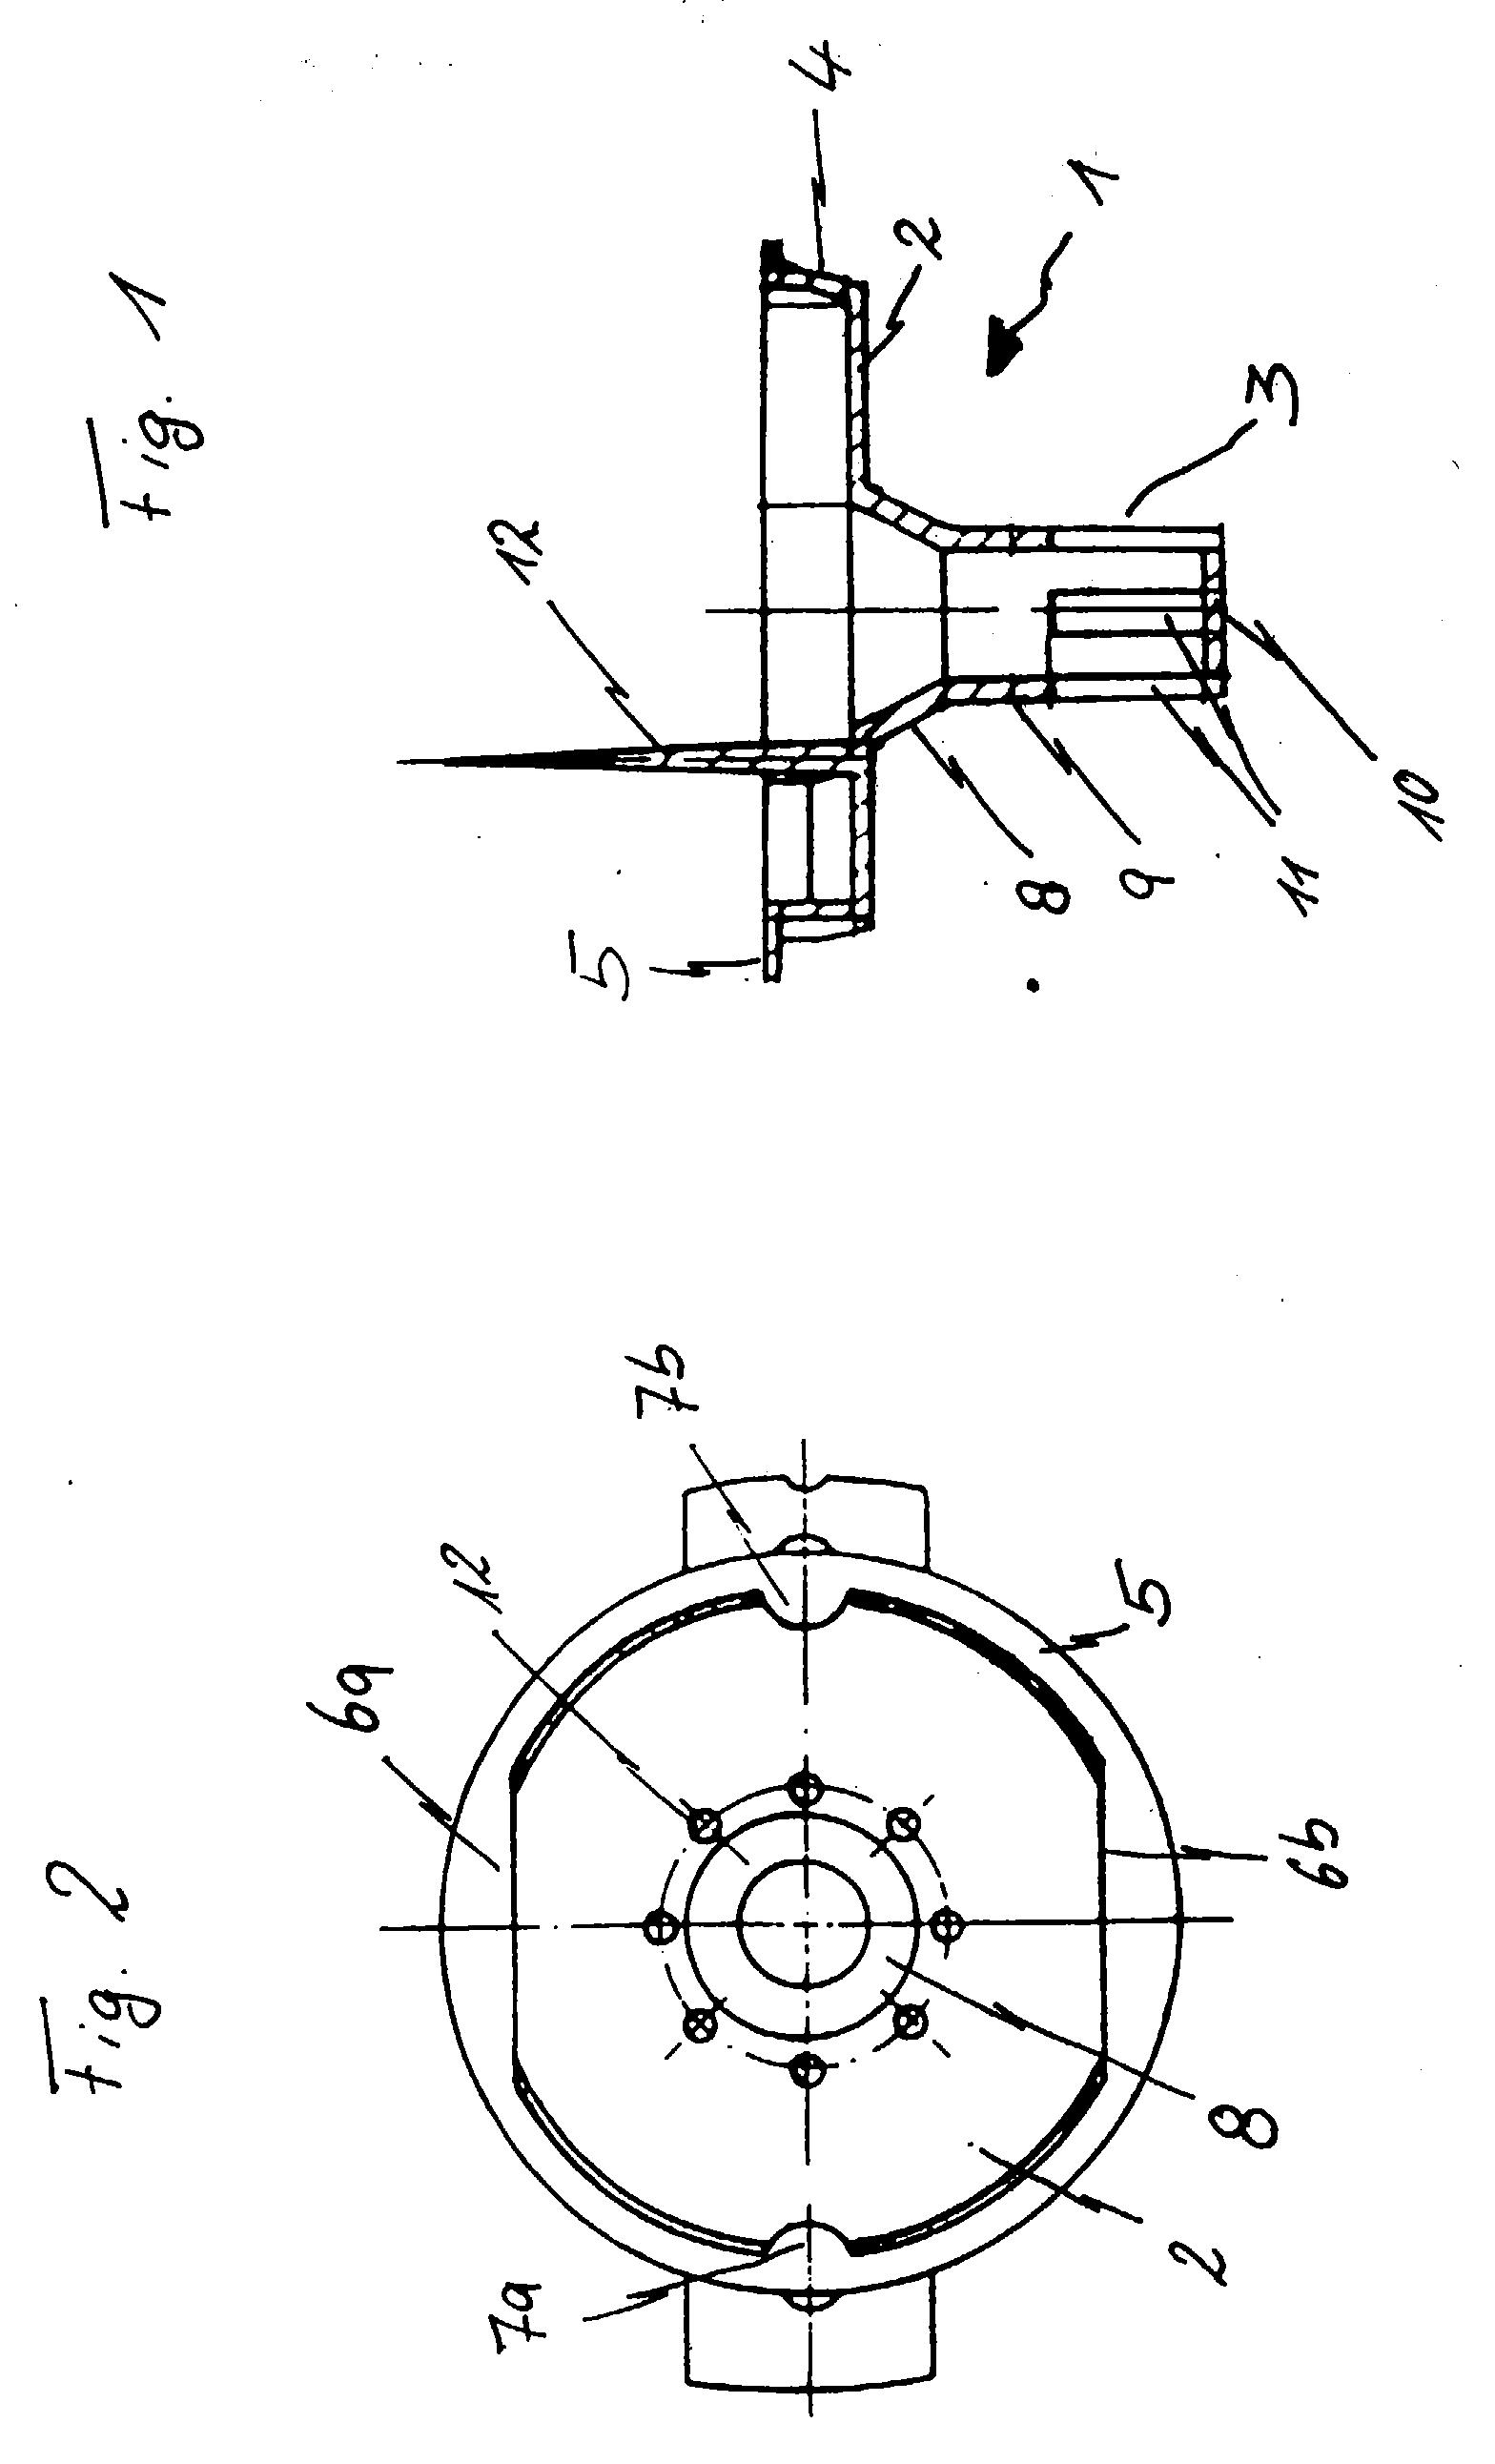 Fabulous Unterputzdose mit Verschlussdeckel und Verfahren zur Installation UV61